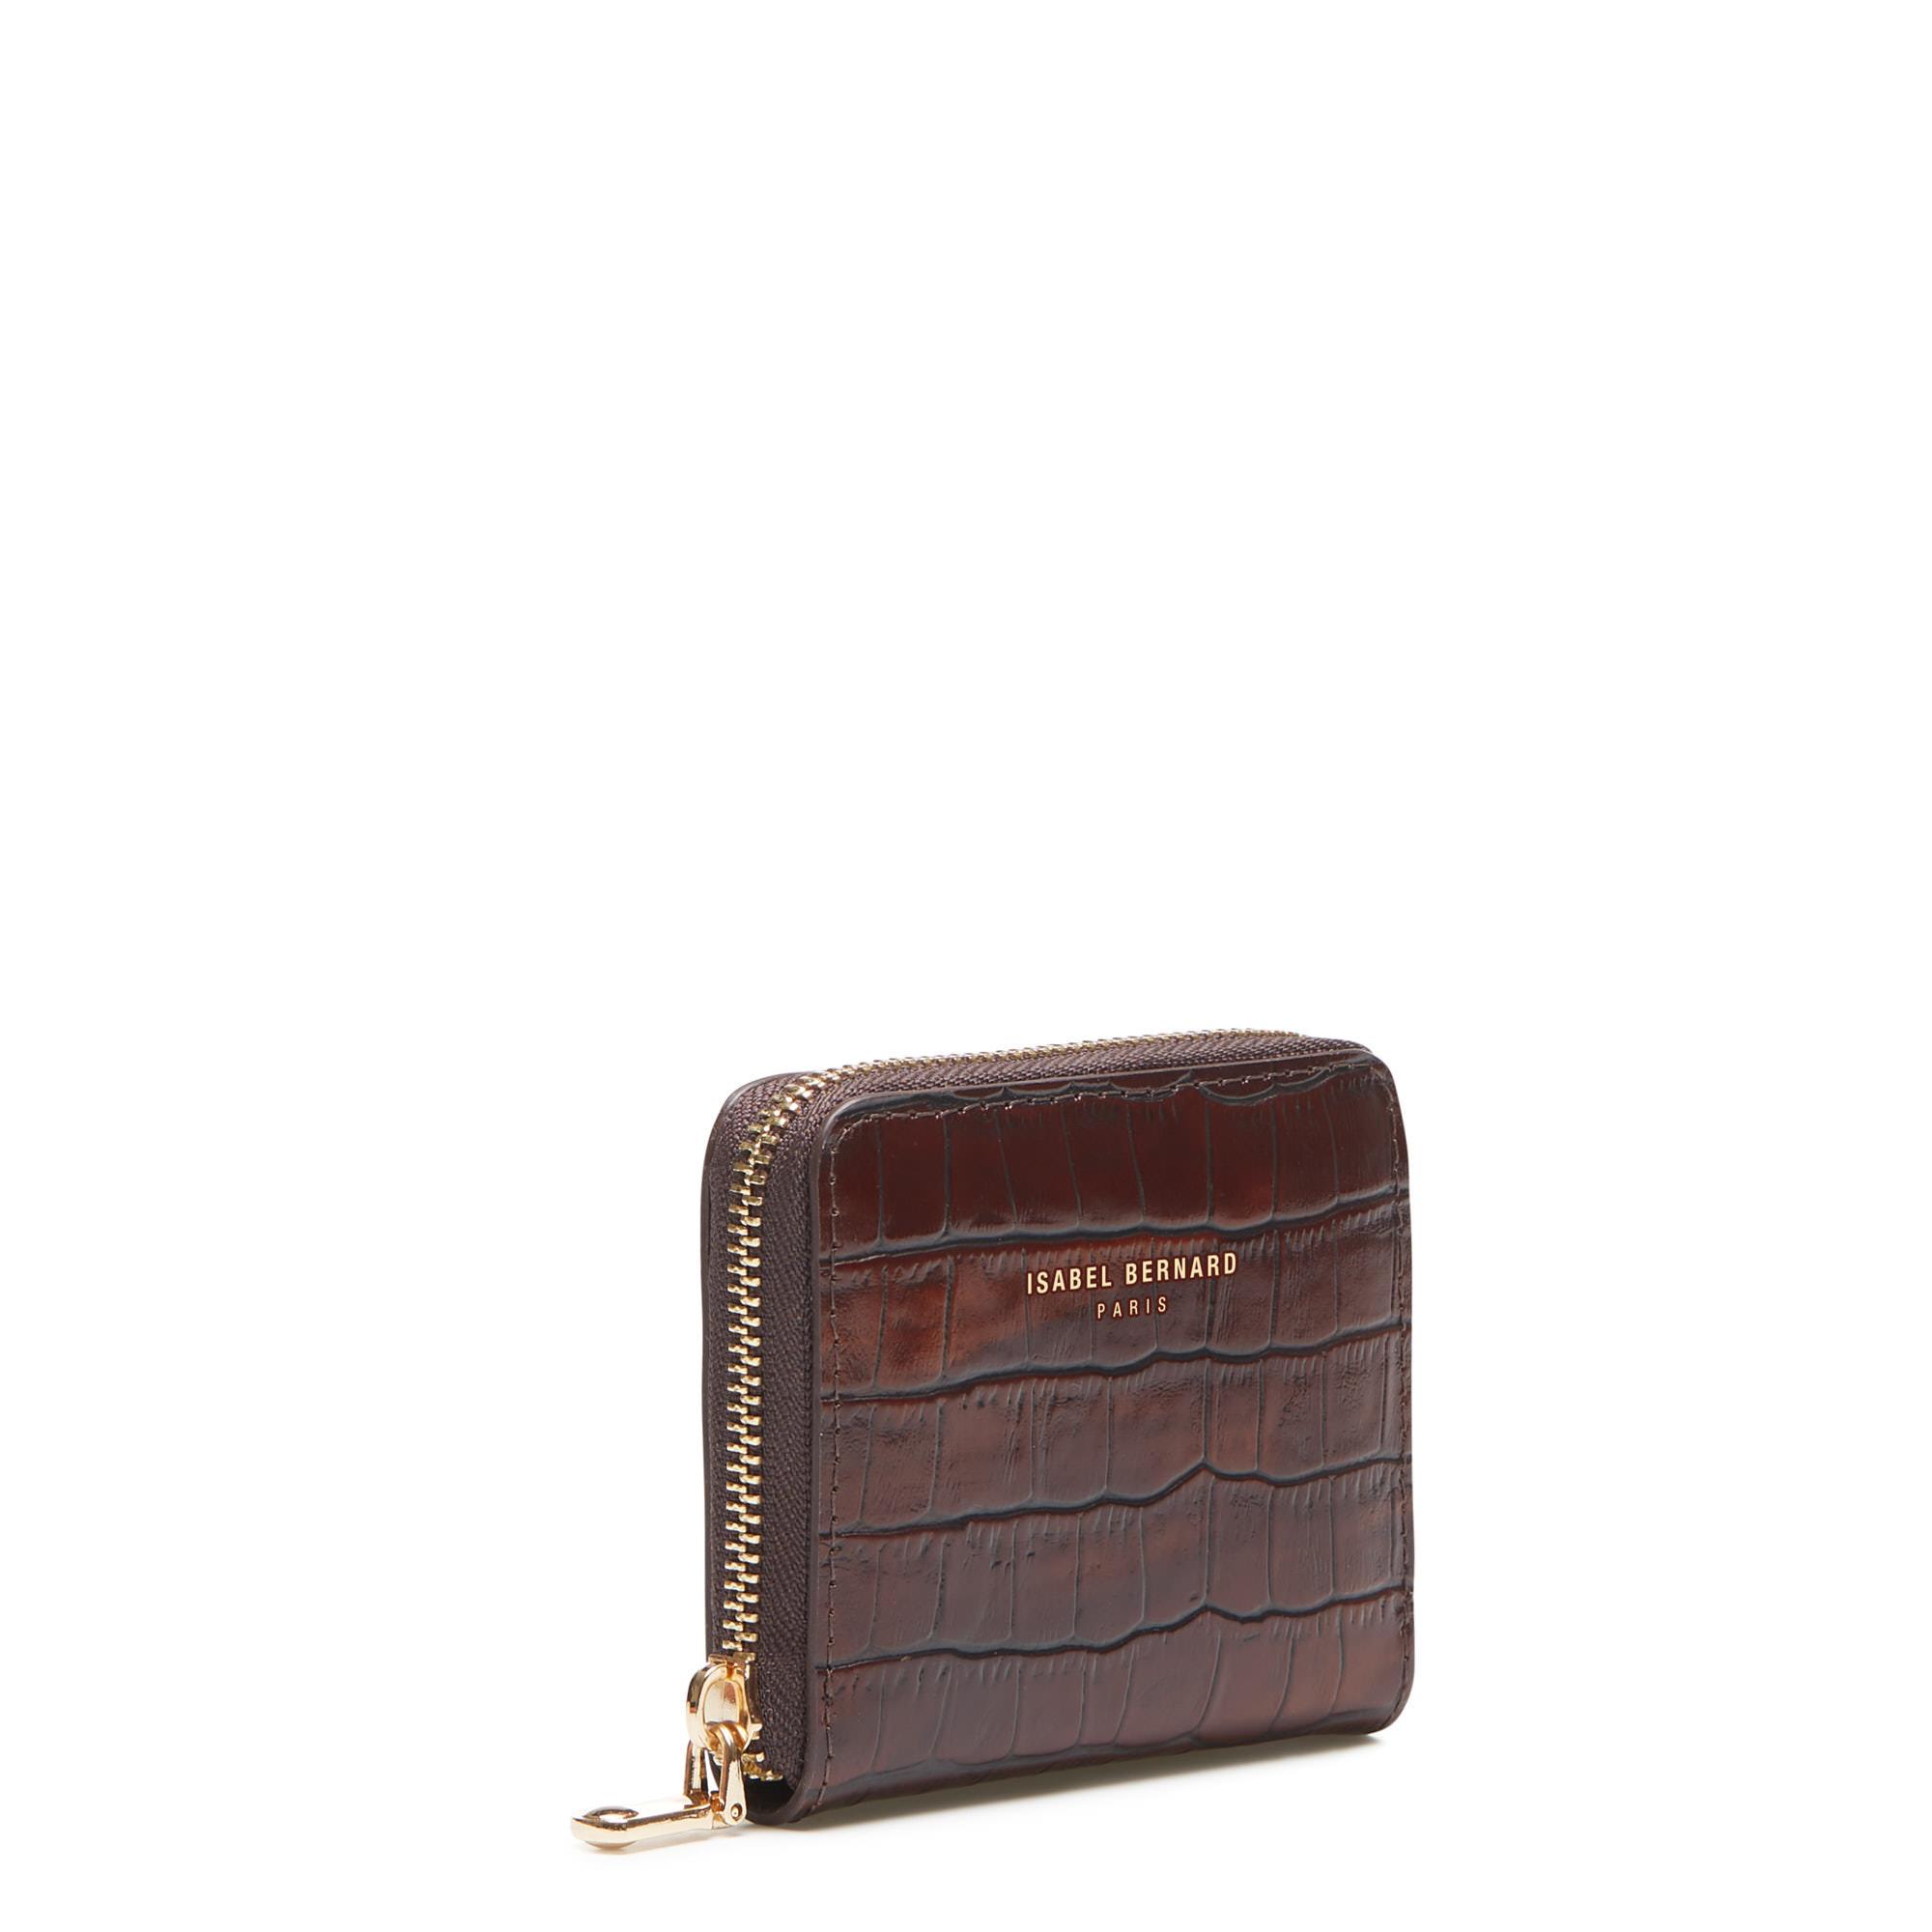 Isabel Bernard Honoré Jules kroko braune Reißverschluss-Portemonnaie aus Kalbsleder